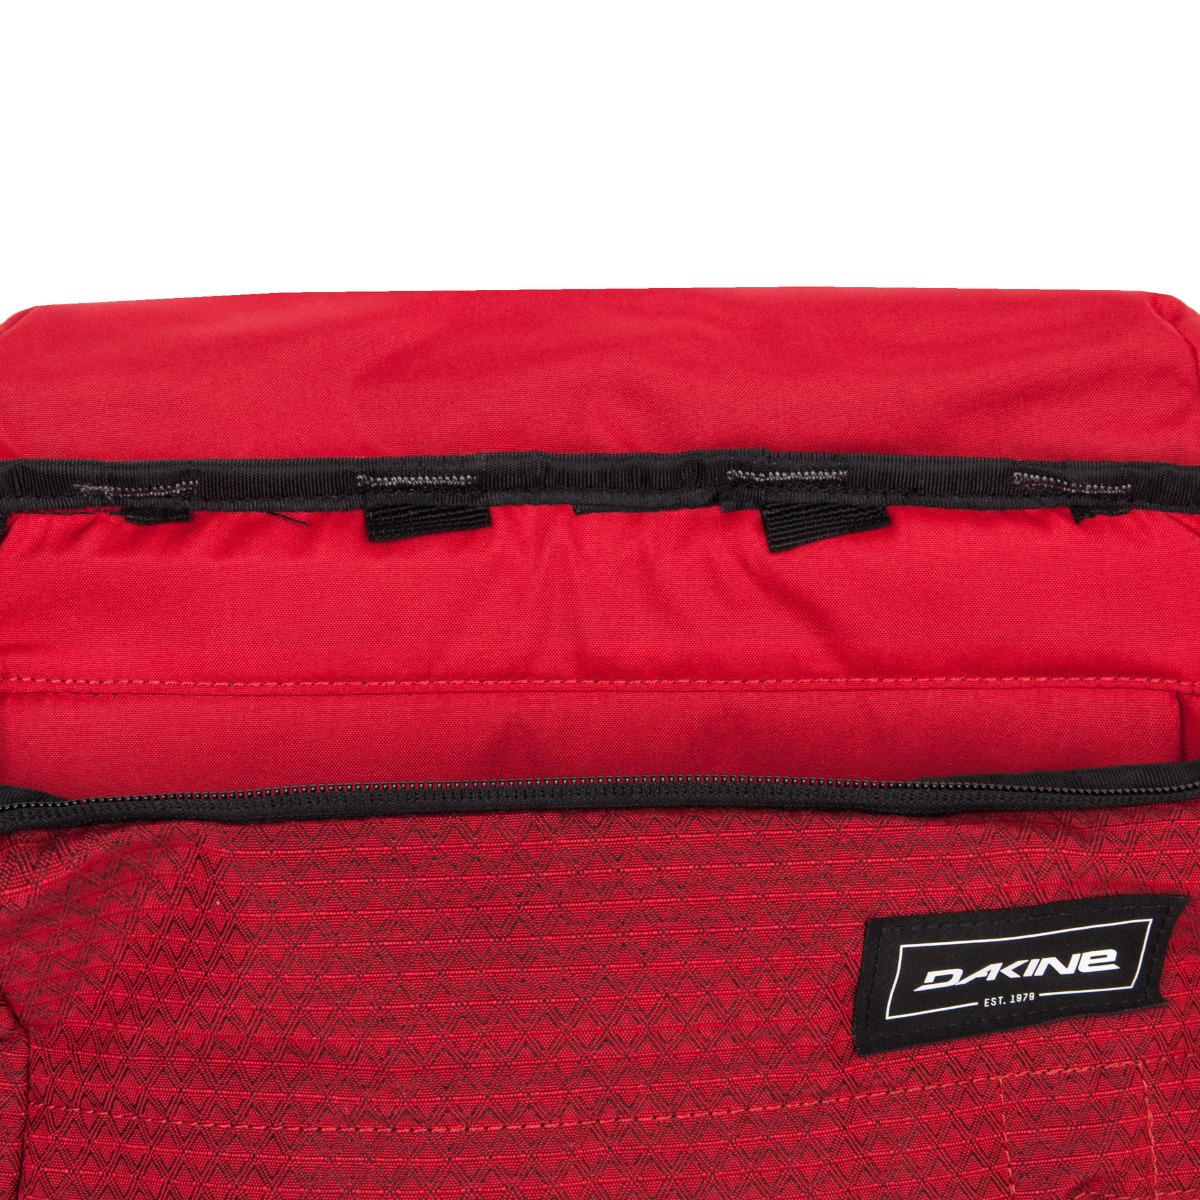 Dakine Concourse 25L Crimson Red.  čalúnený oddiel na notebook s veľkosťou 17